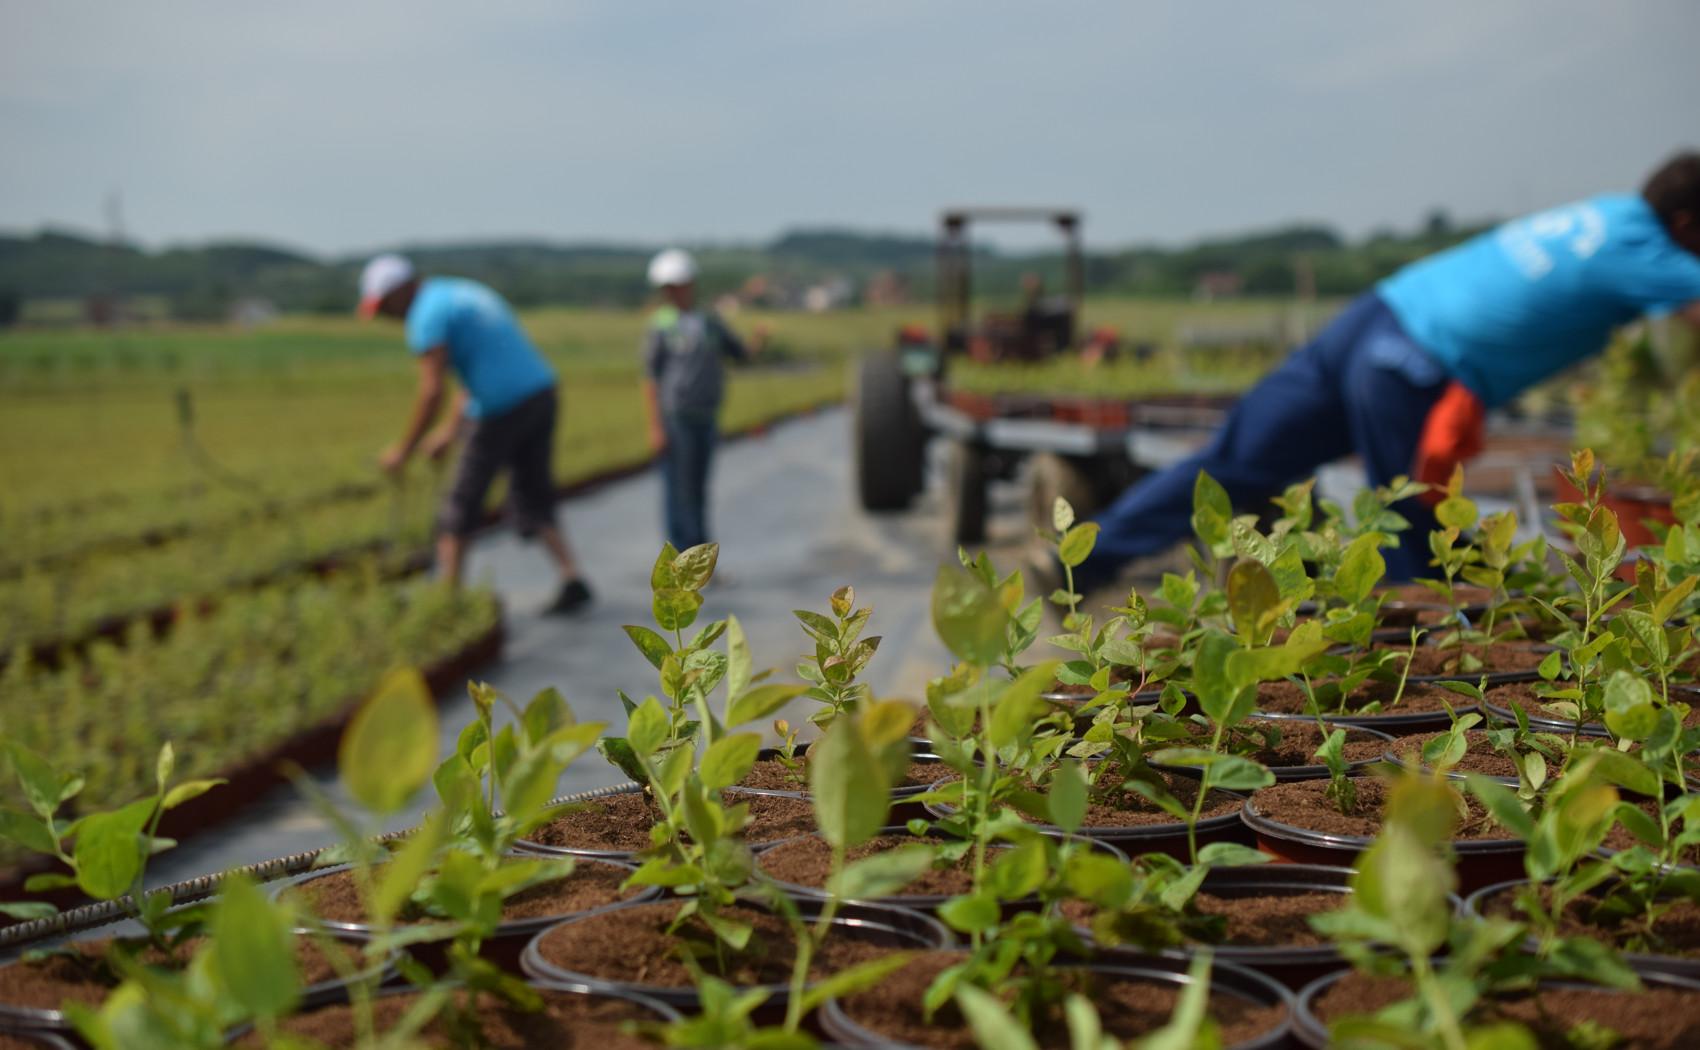 radnici rasporedjuju sadnice borovnica u saksijama u rasadniku